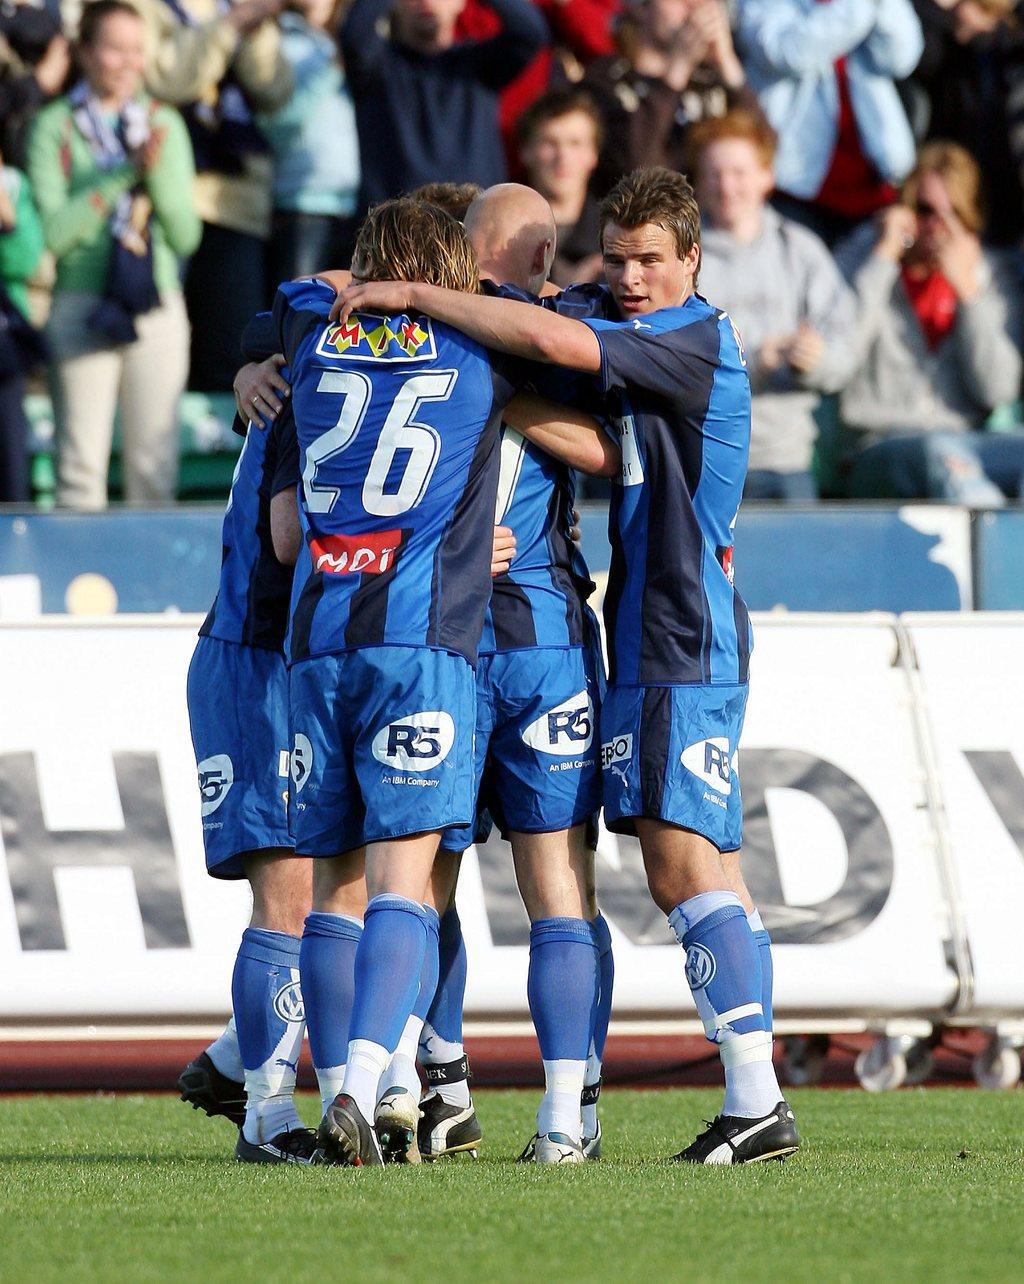 GULLÅR: Henning Hauger spilte for Stabæk i gullårene og tok blant annet seriegull i 2008. FOTO: EVA GROVEN